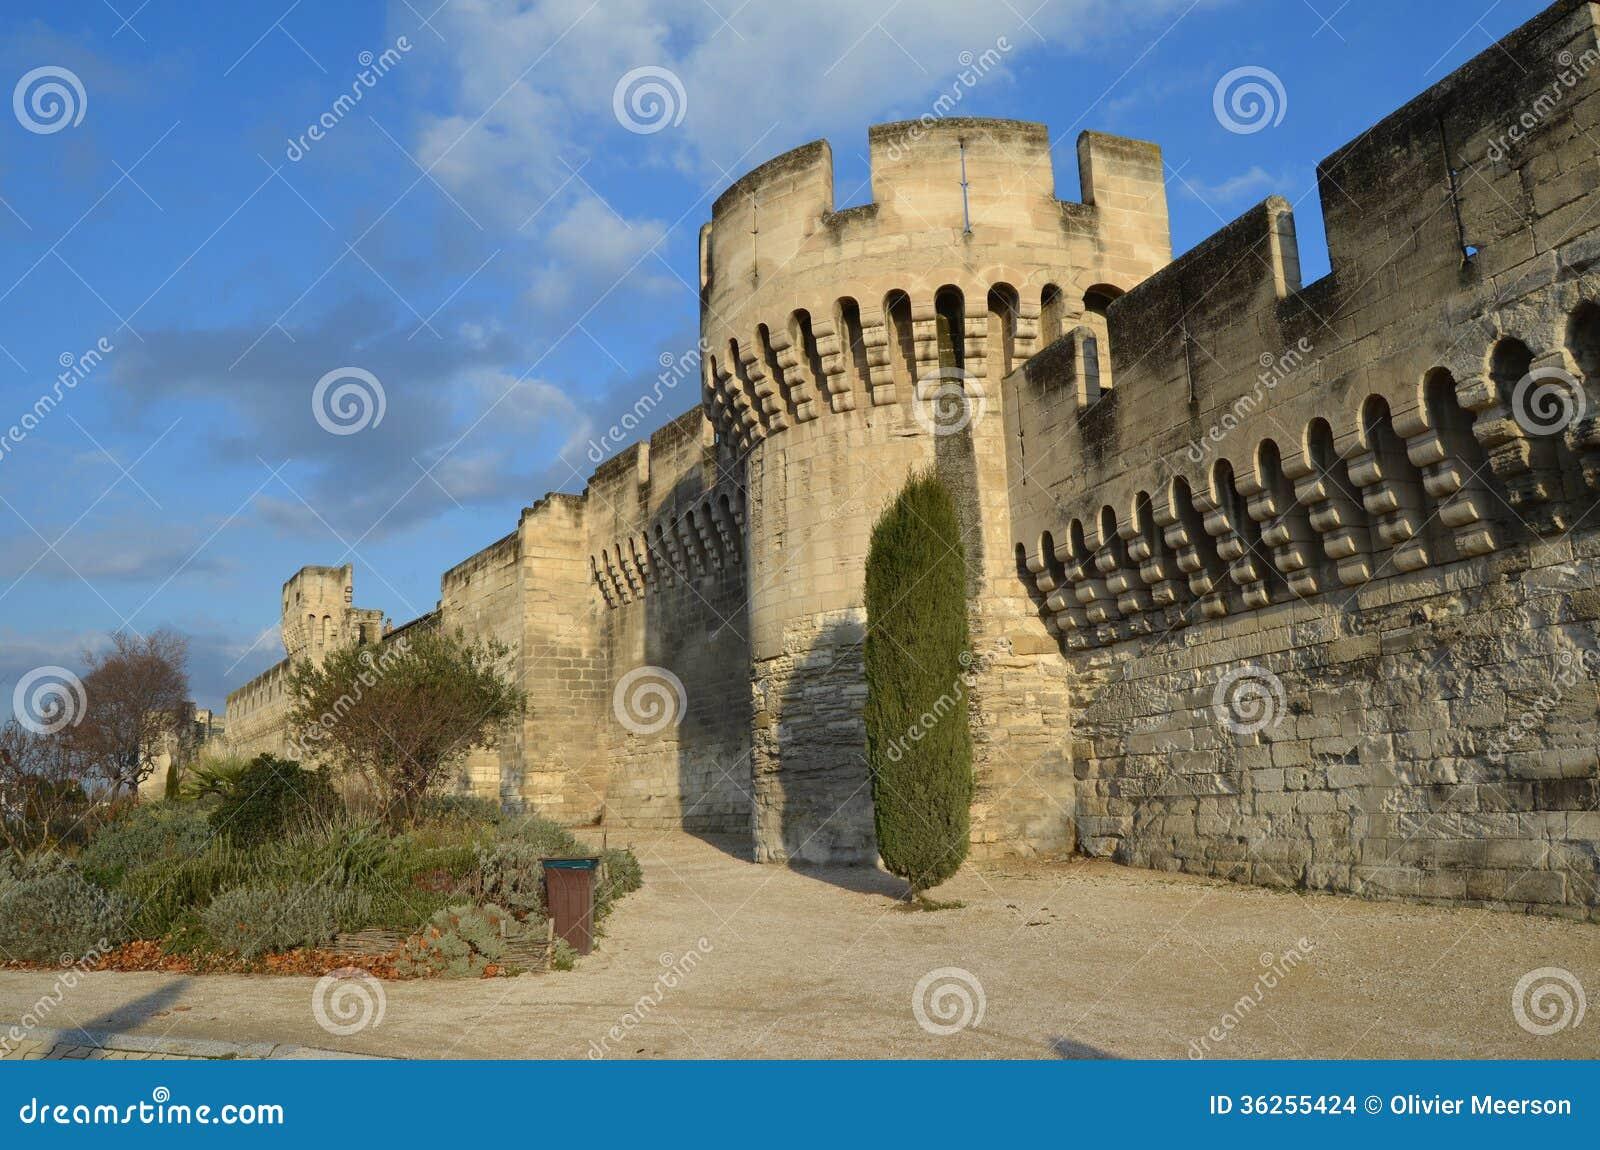 Balkonmobel Mit Europaletten : Design Afbeeldingen Muren  Mening van de beroemde muur in Avignon